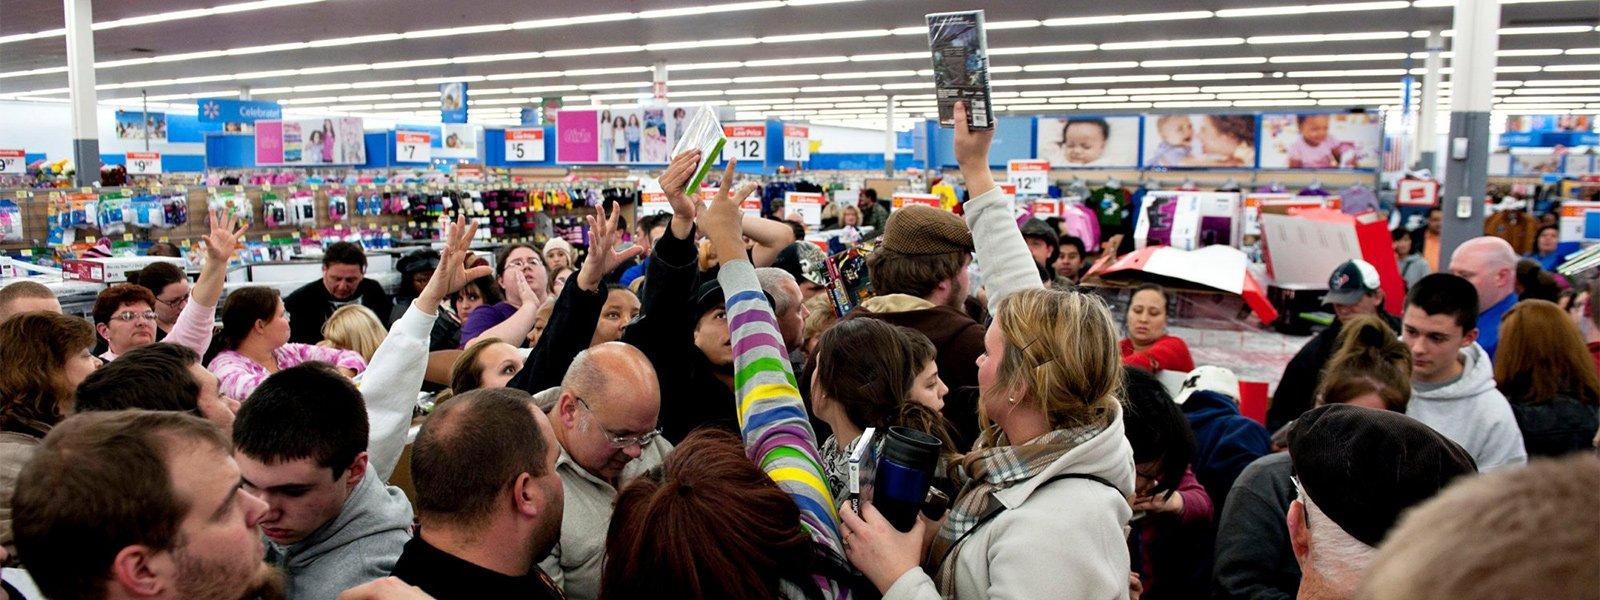 В РФ предлагают принять закон о распродажах